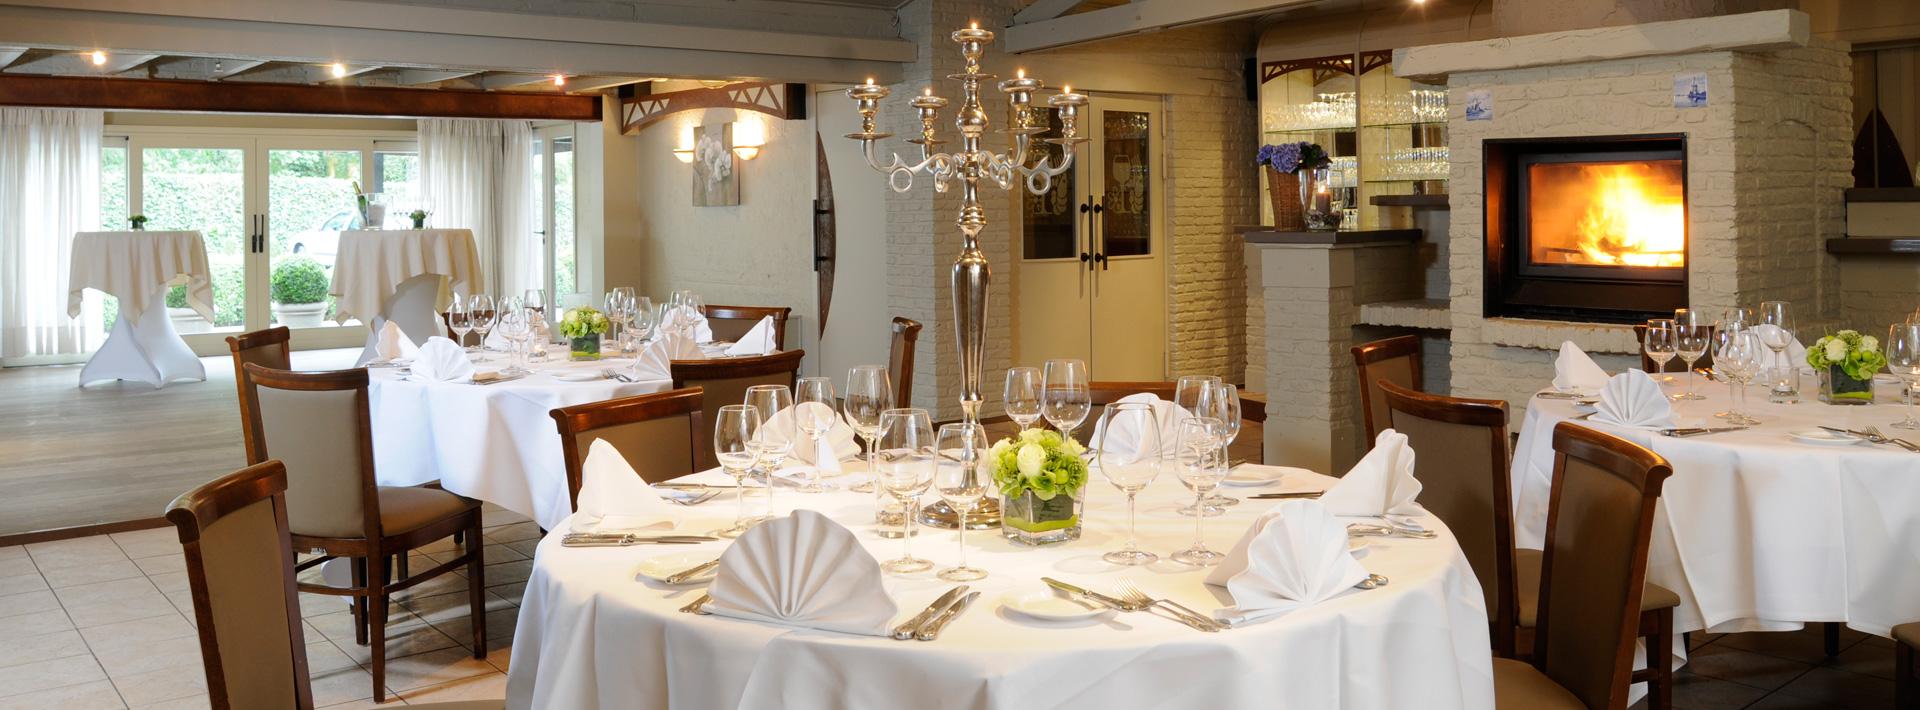 restaurant-feestzalen-malpertus-in-st-niklaas_standaard_04